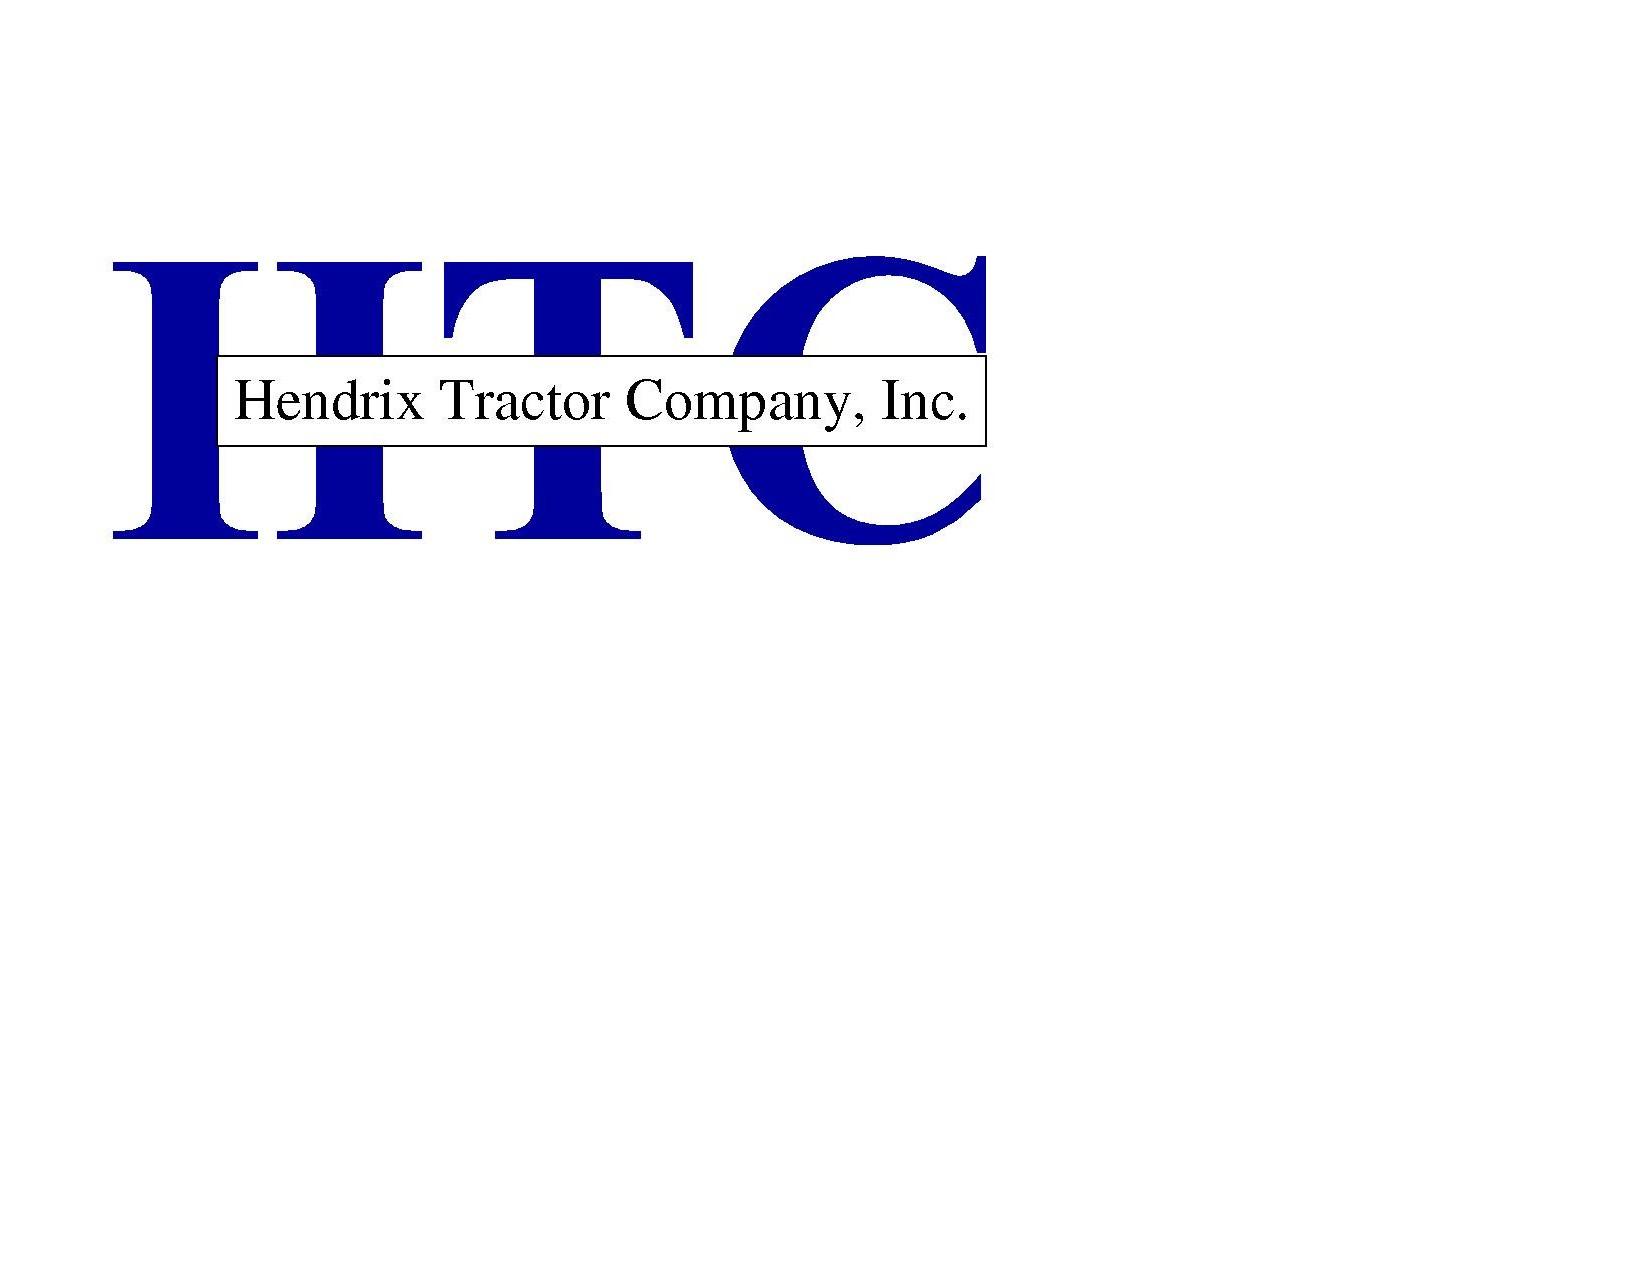 Hendrix Tractor Co